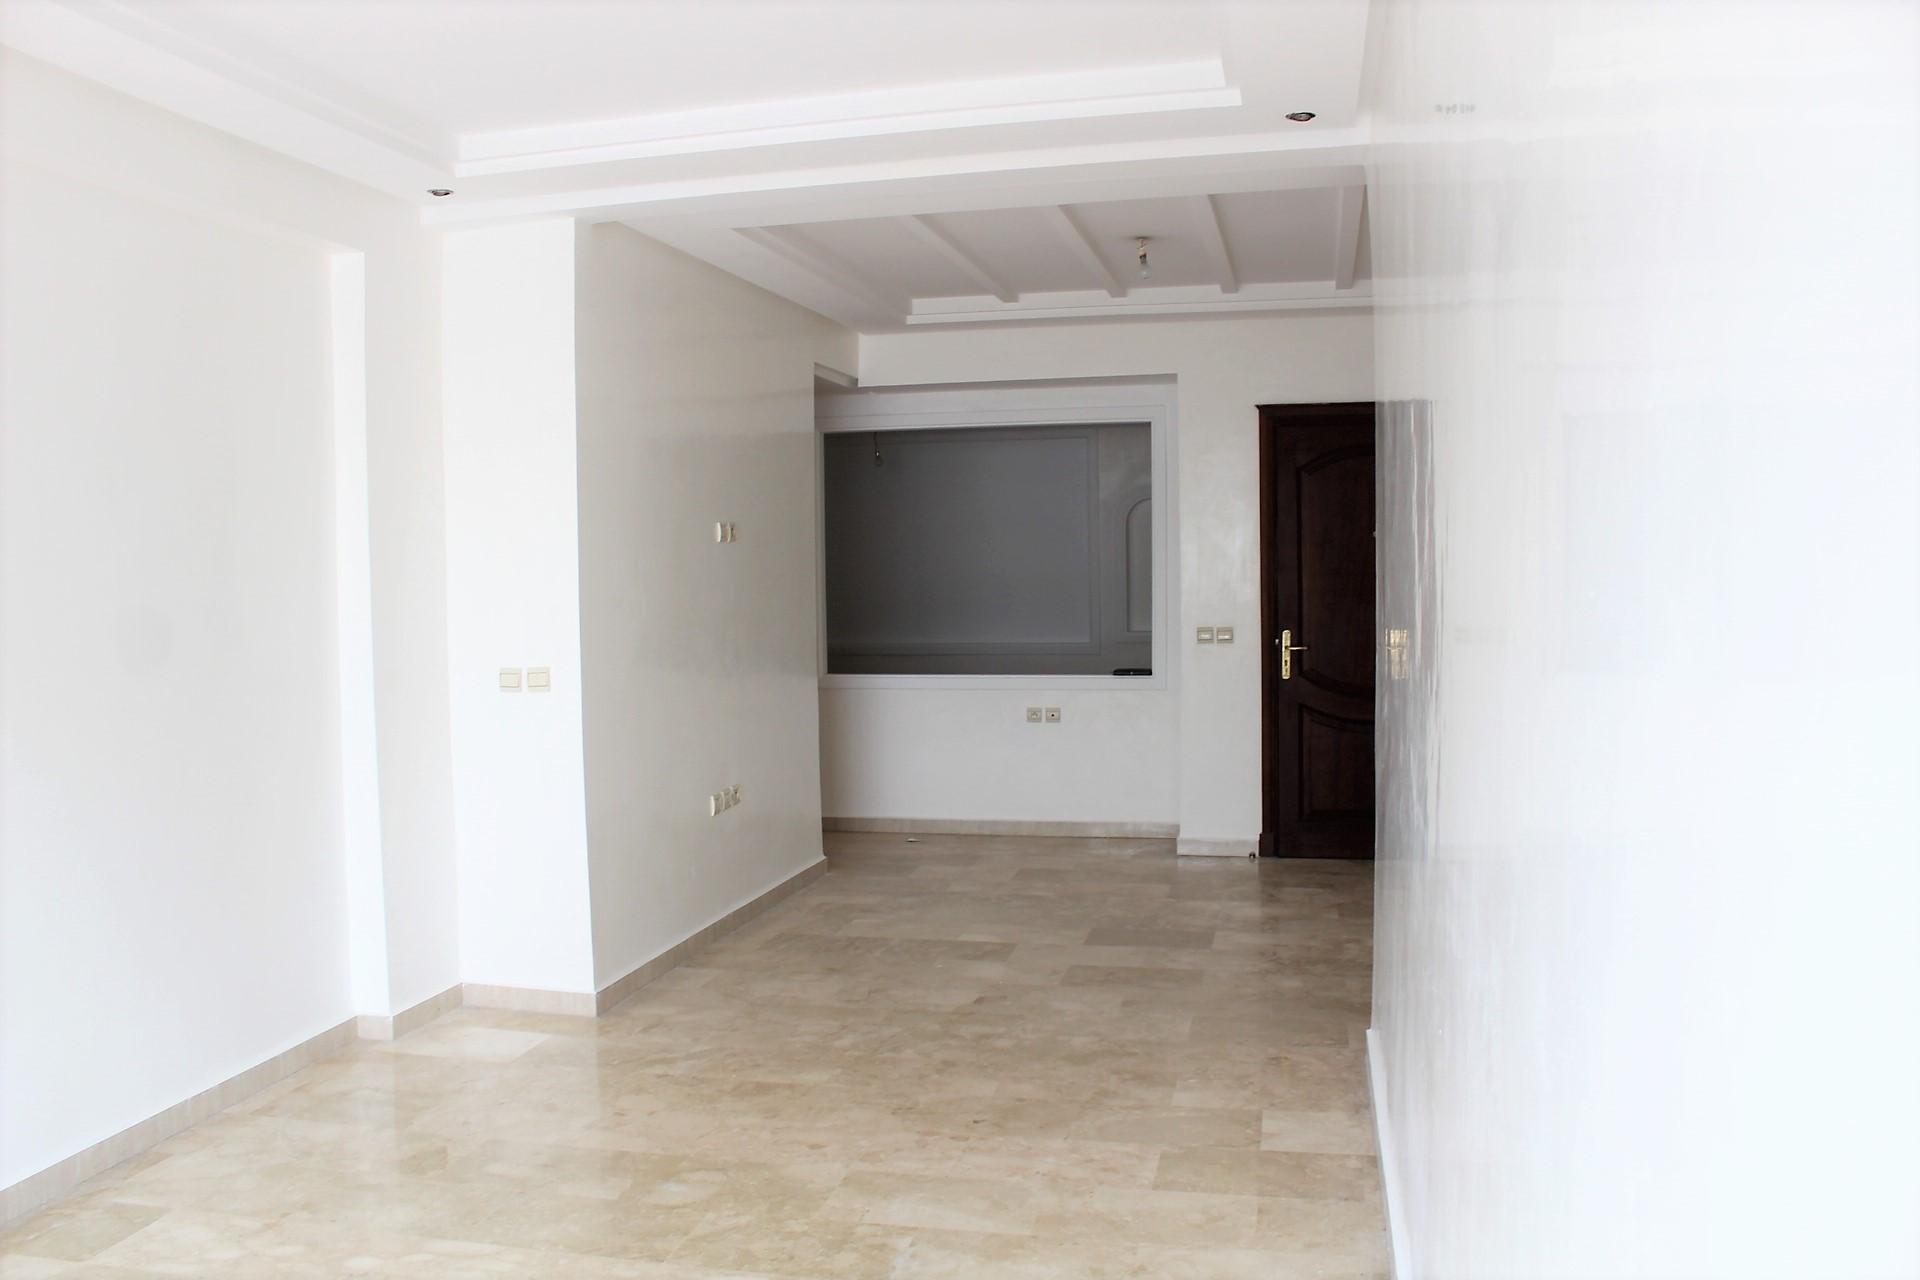 Maroc, Casablanca Sud, Jnane Californie à louer appartement type F3 meublé en étage élevé de 100 m²